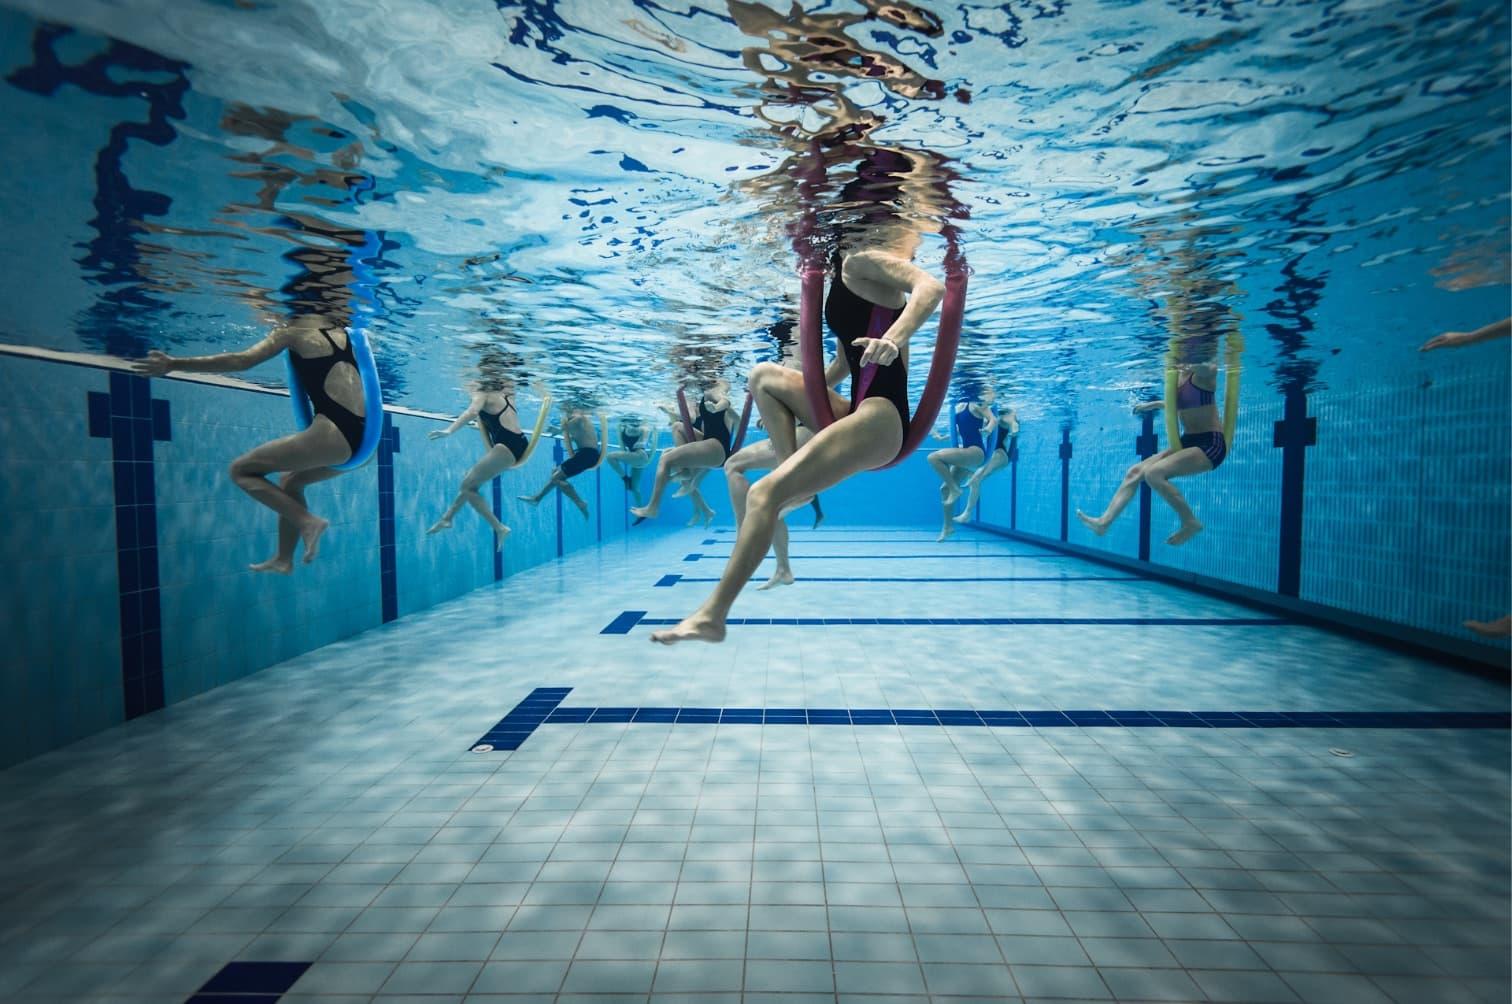 lago-figoi-corsi-fitness-acqua-acquagym